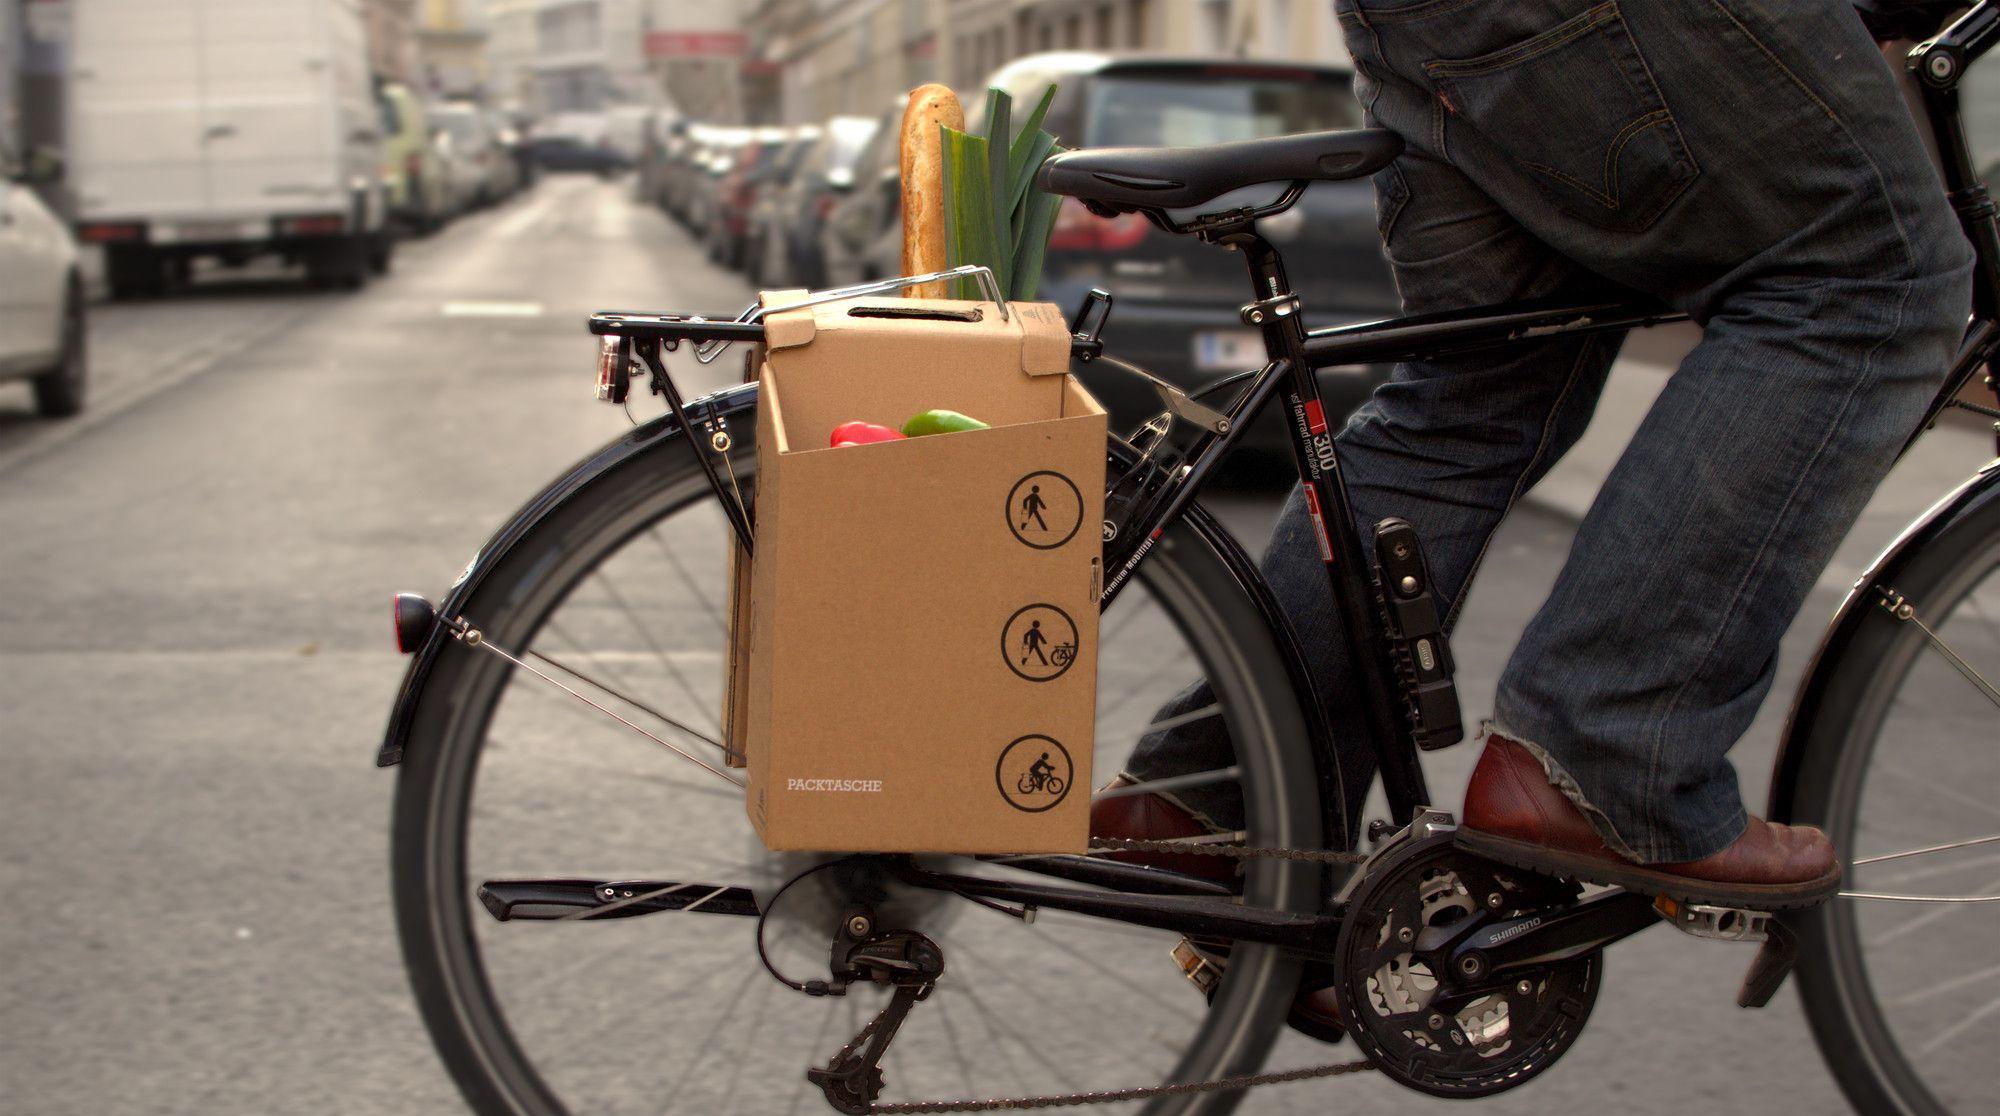 Architects Design Cardboard Carrier To Improve City Cycling Packtaschen Packtaschen Fahrrad Taschen